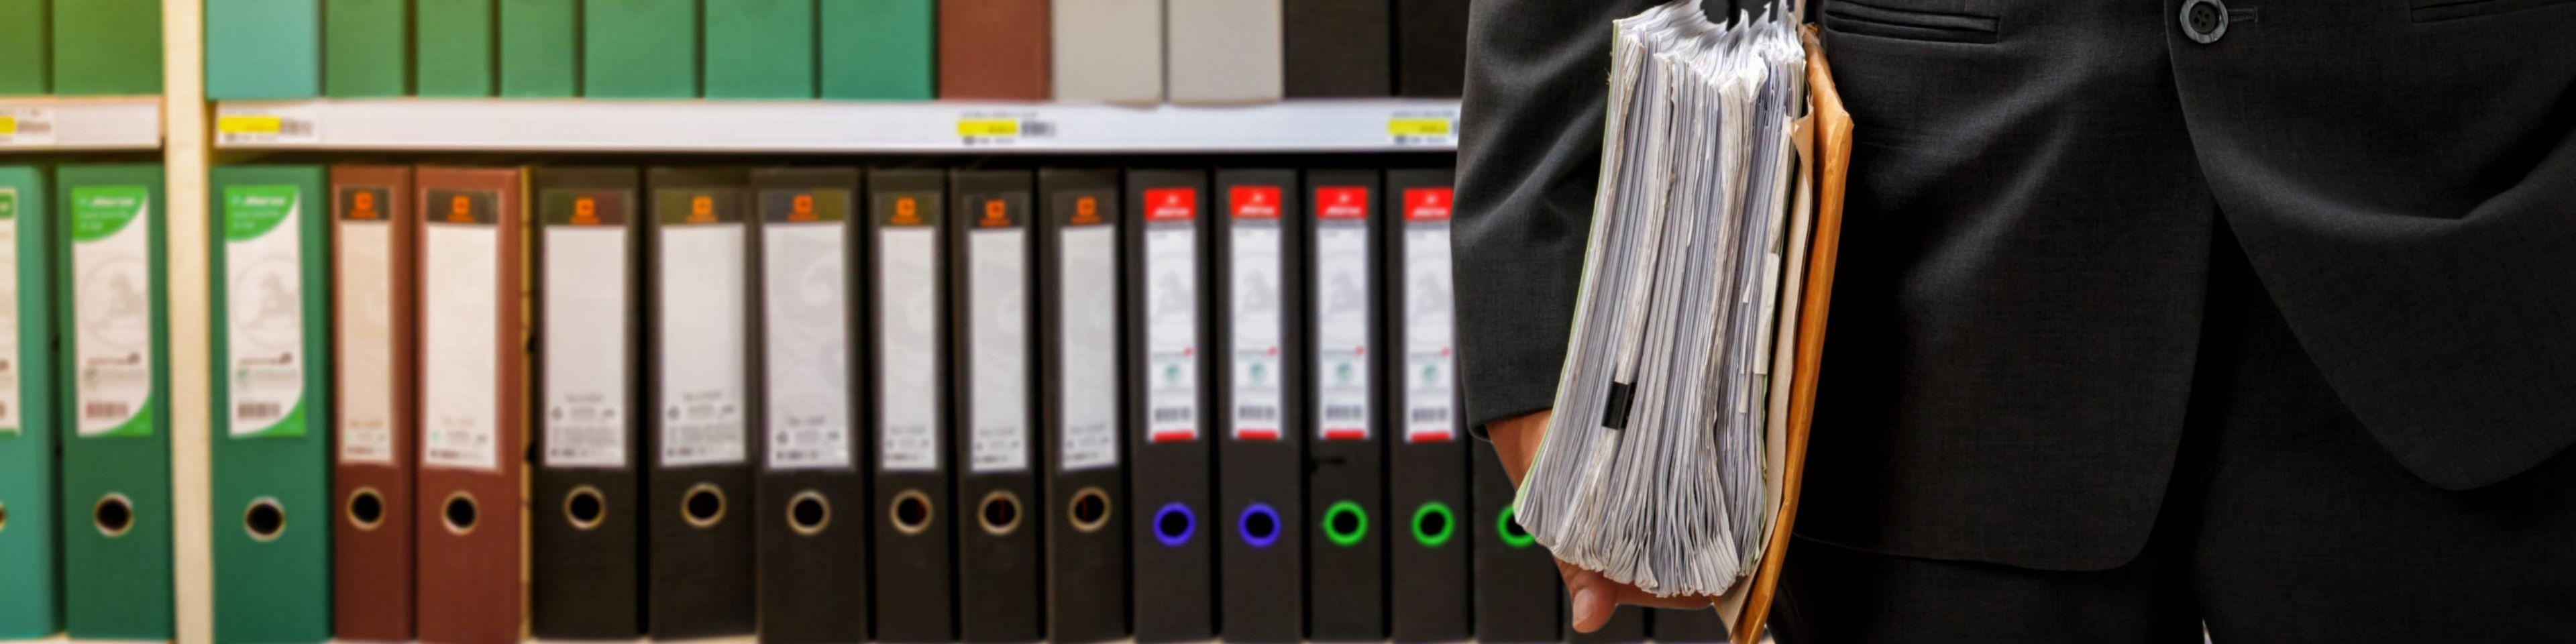 Zarządzanie ryzykiem w kancelarii – zobacz, jak sobie radzić w kryzysami